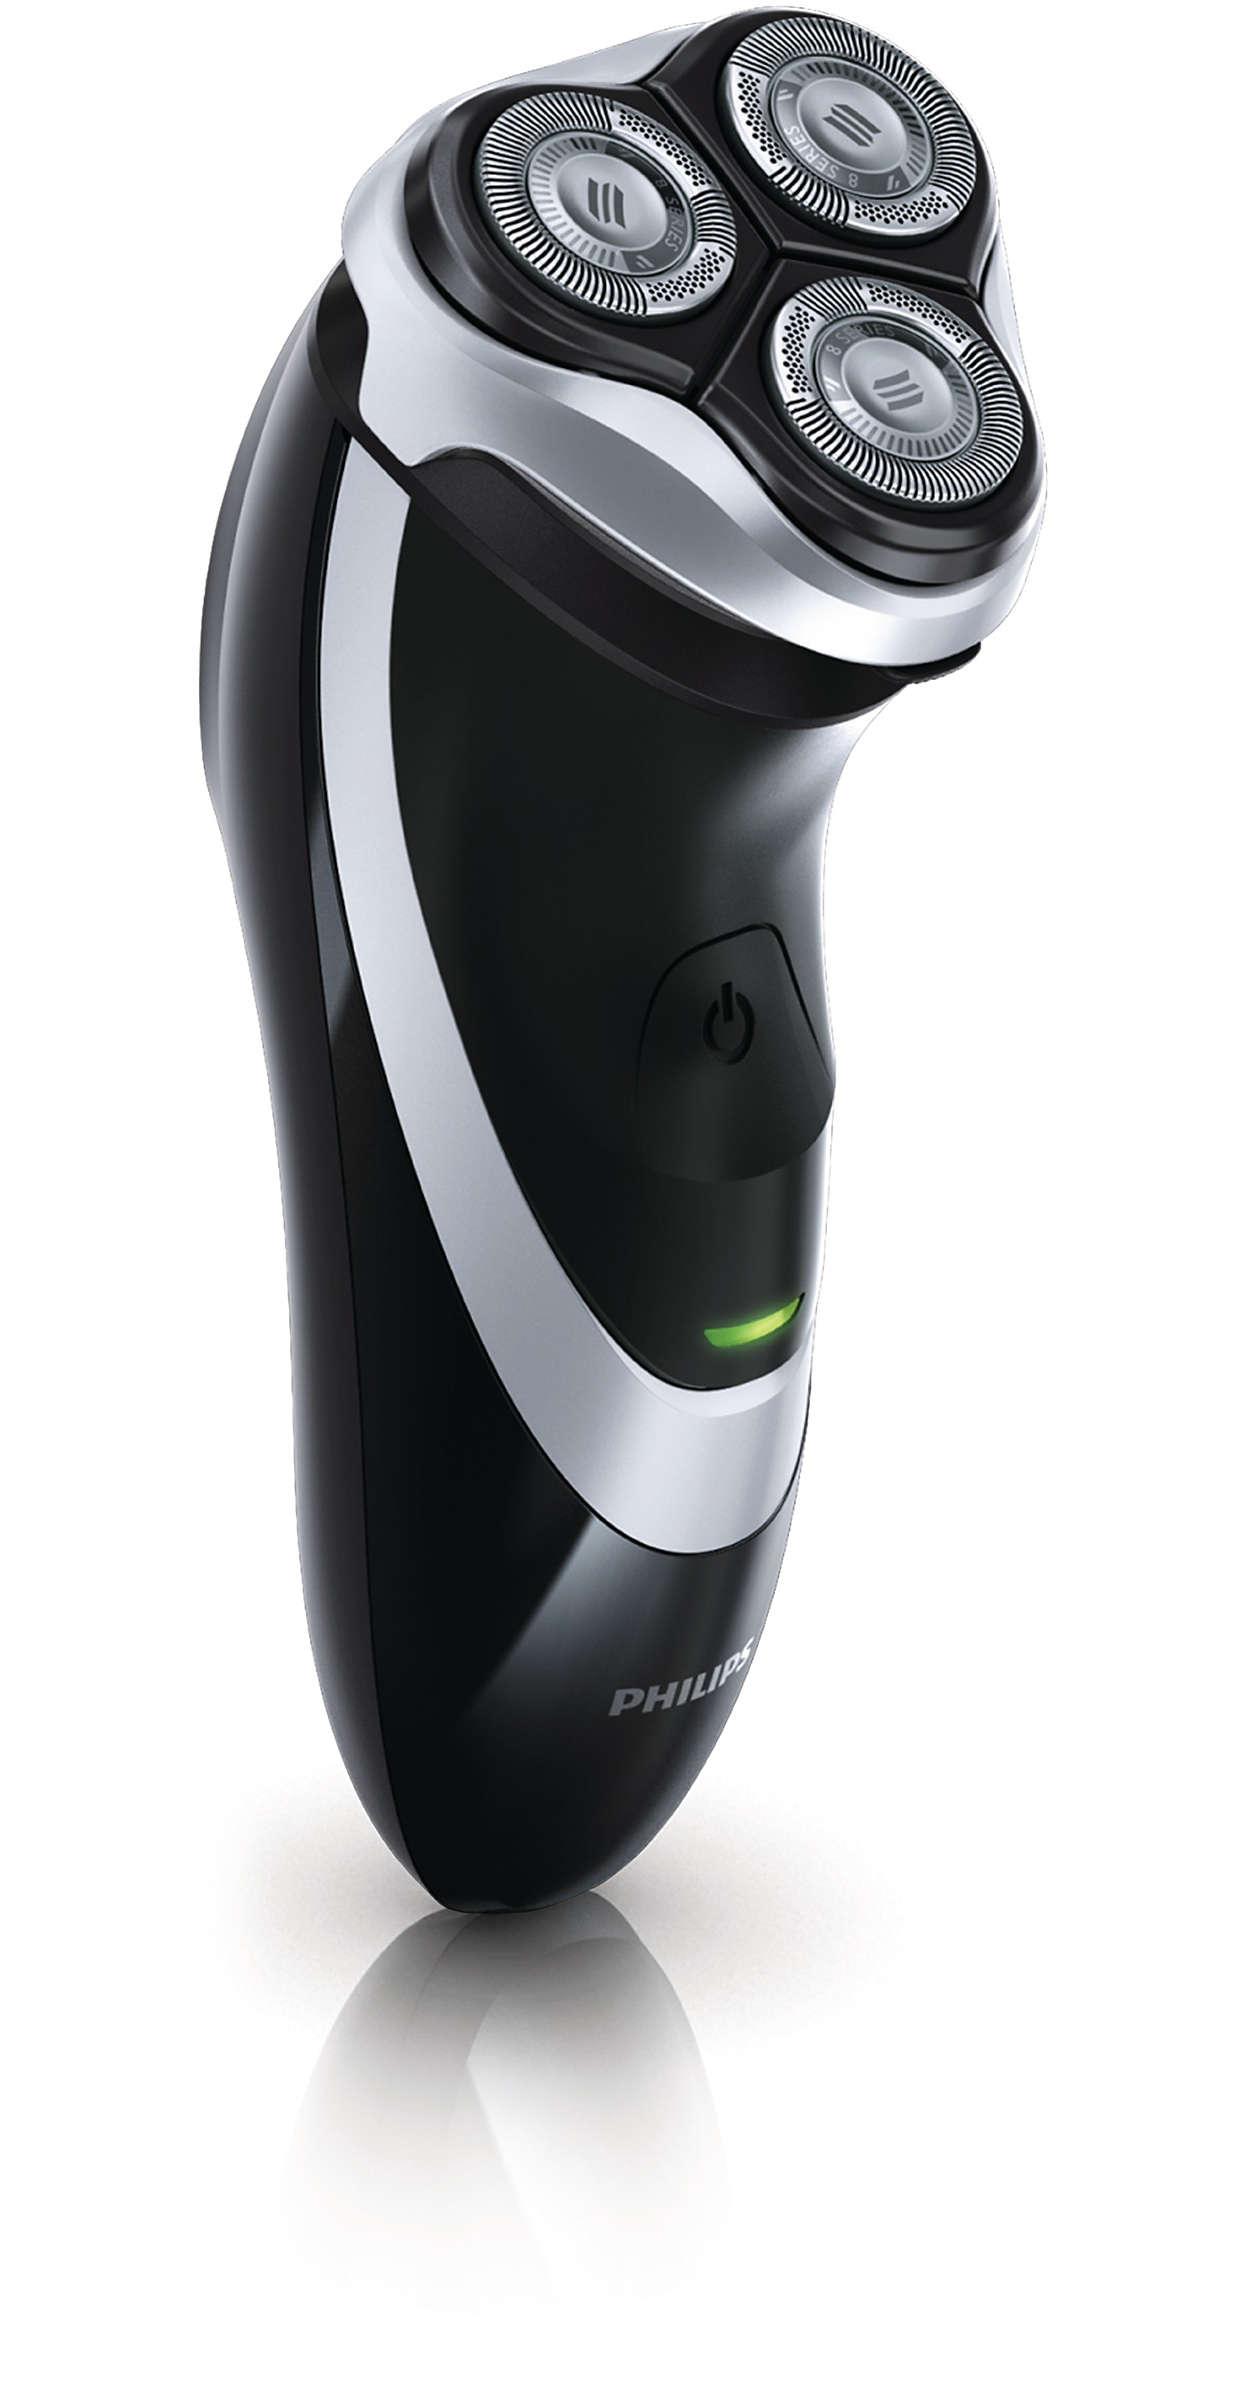 Glatko, temeljito brijanje